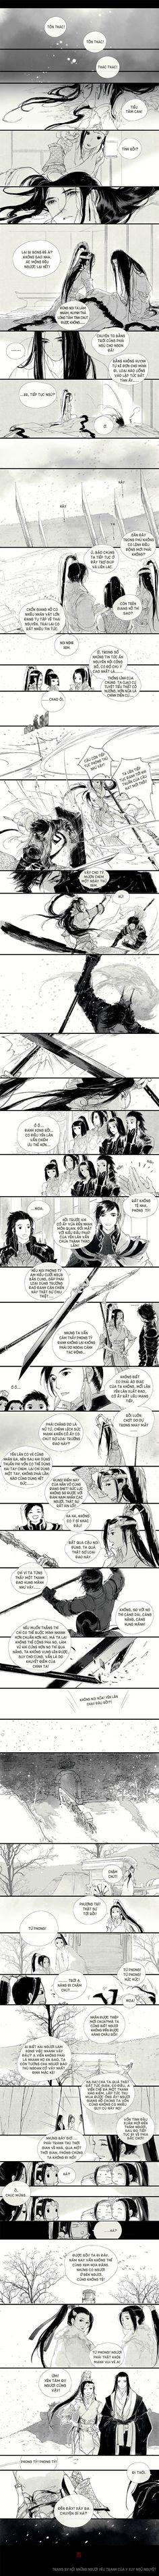 Thường nhật của Phong nương (1)... Phong nương gọi Thác ca là Tiểu Tâm Can kìa, ngọt thật nha...